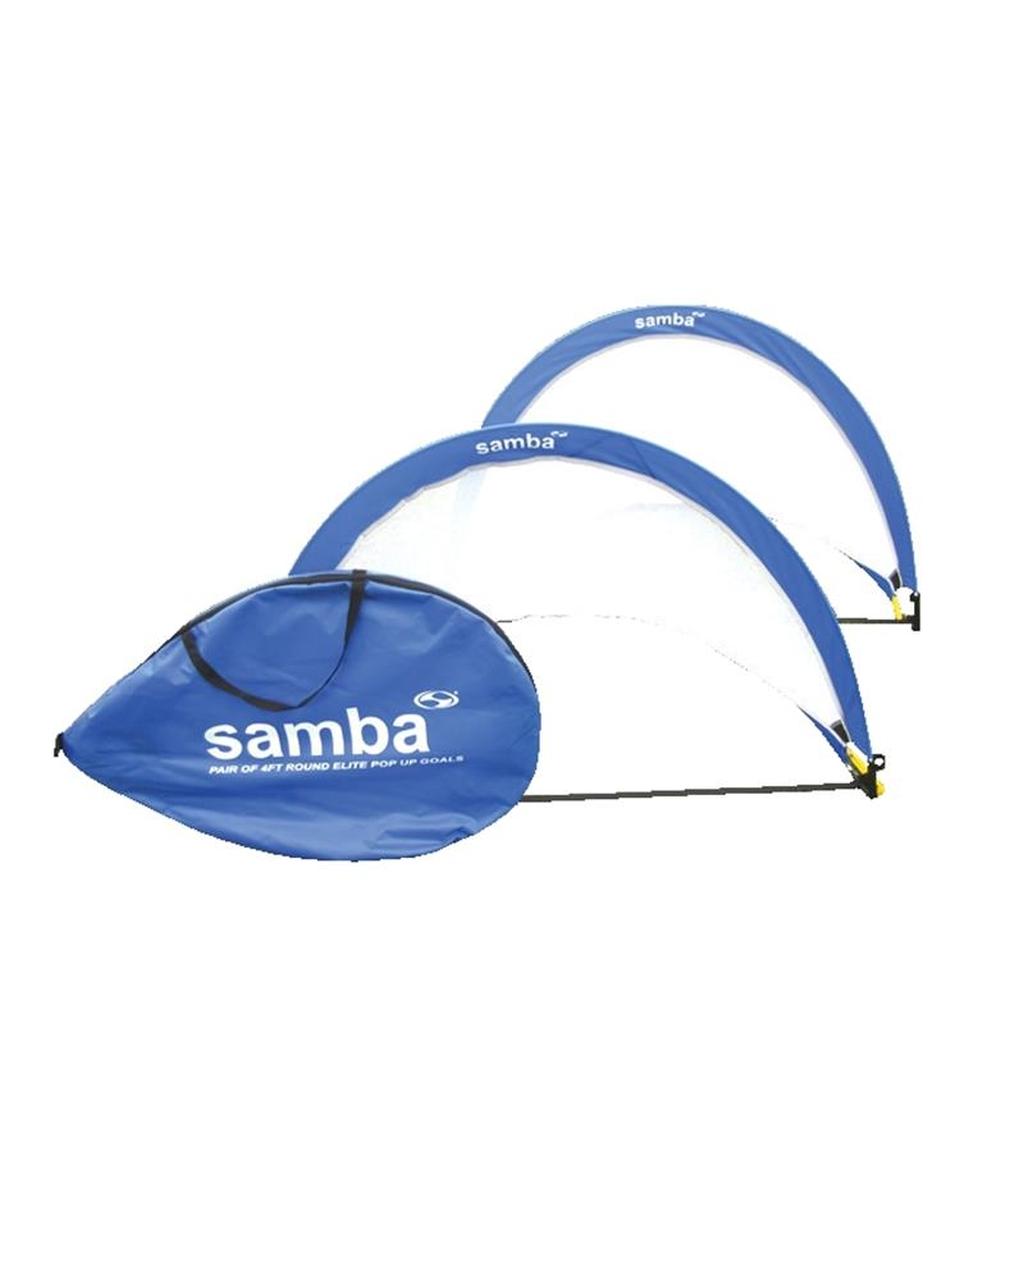 Samba Elite Pop Up Goal - 4 ft